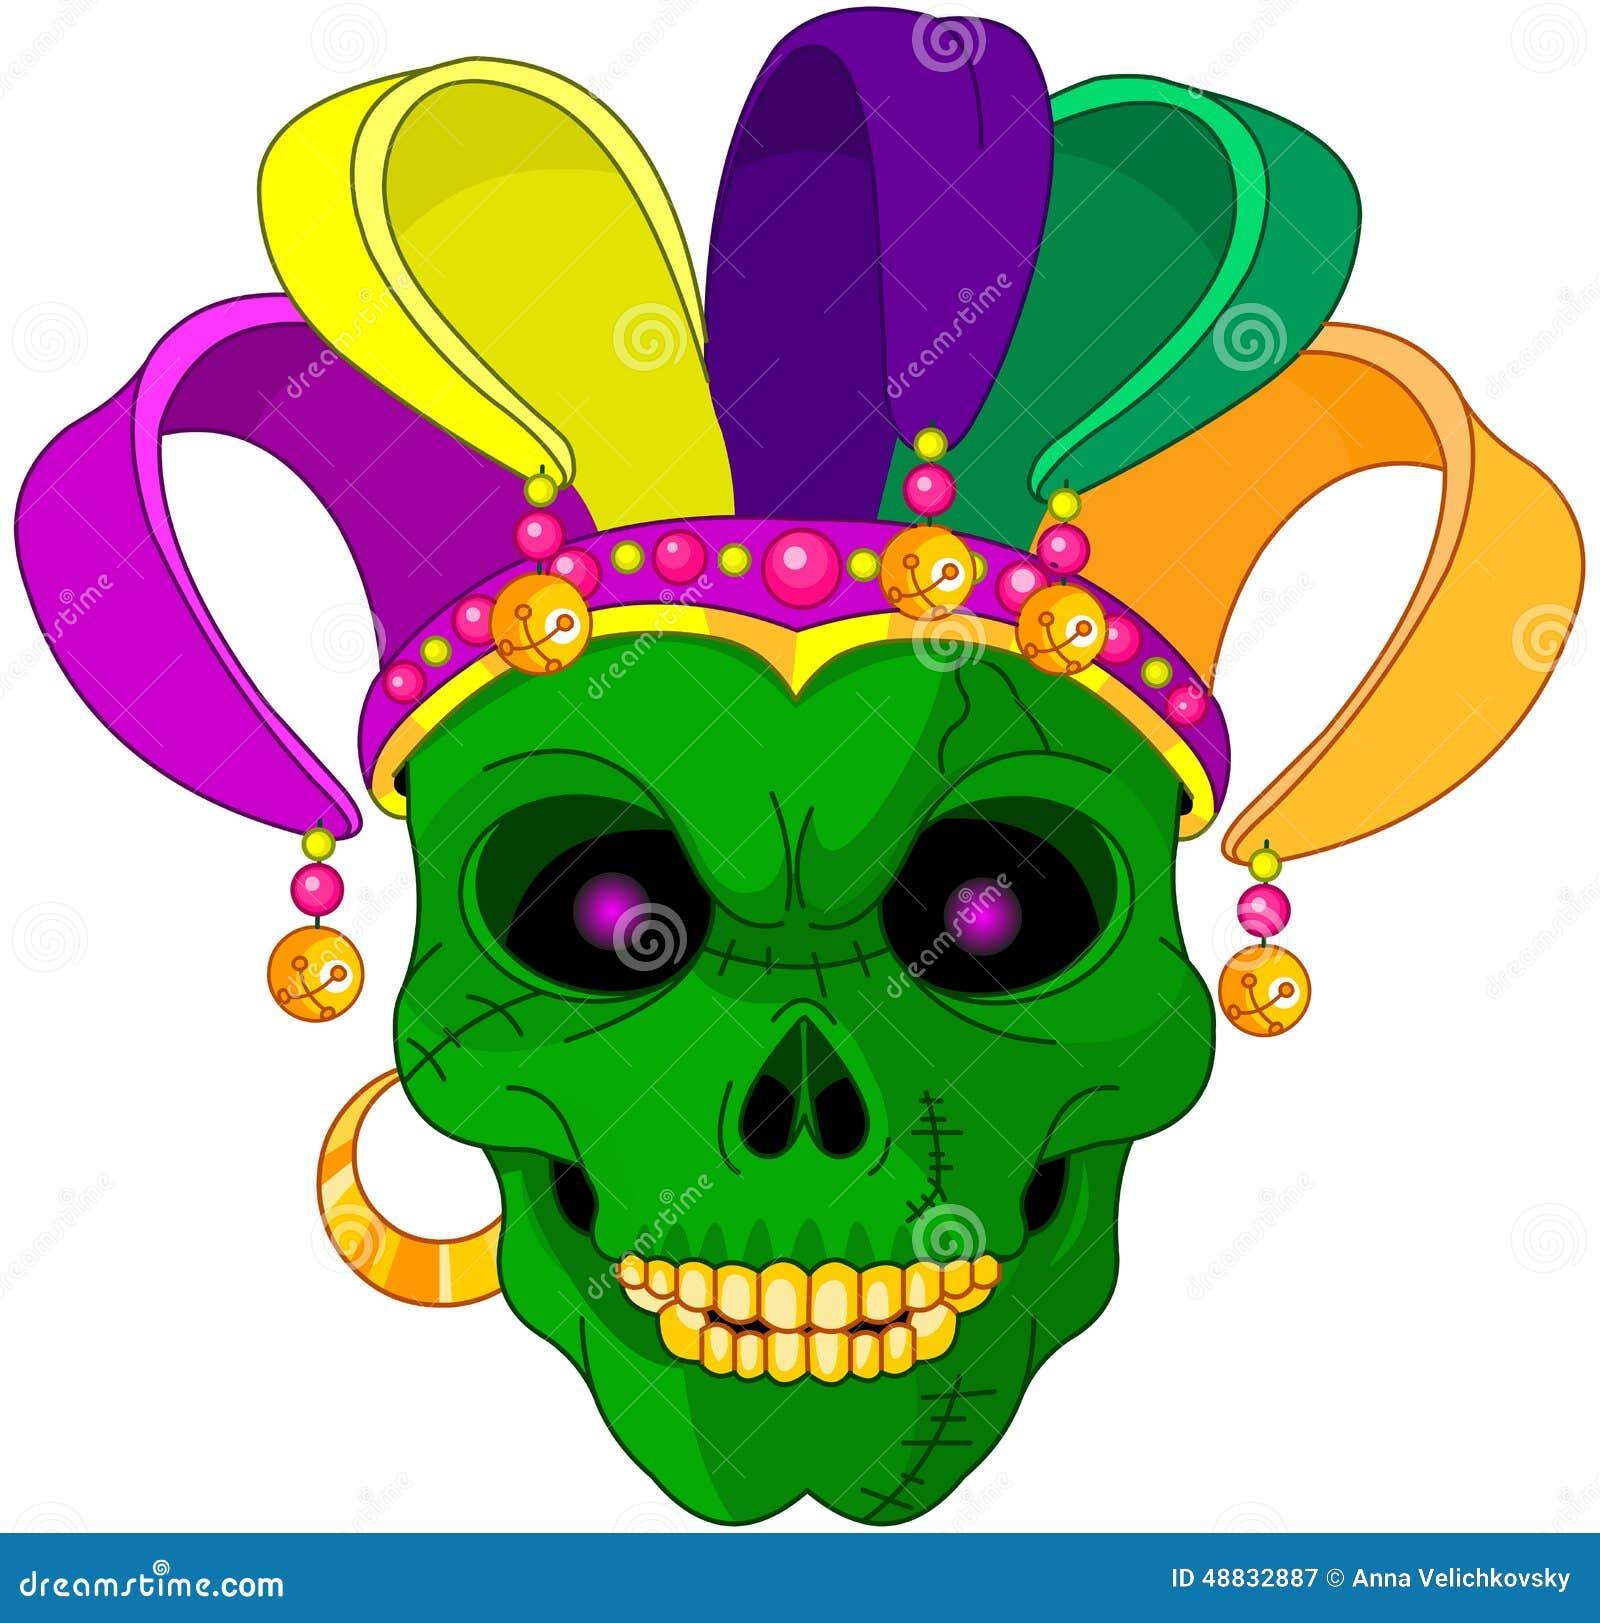 Mardi Gras Skull Stock Vector Illustration Of Graphics 48832887